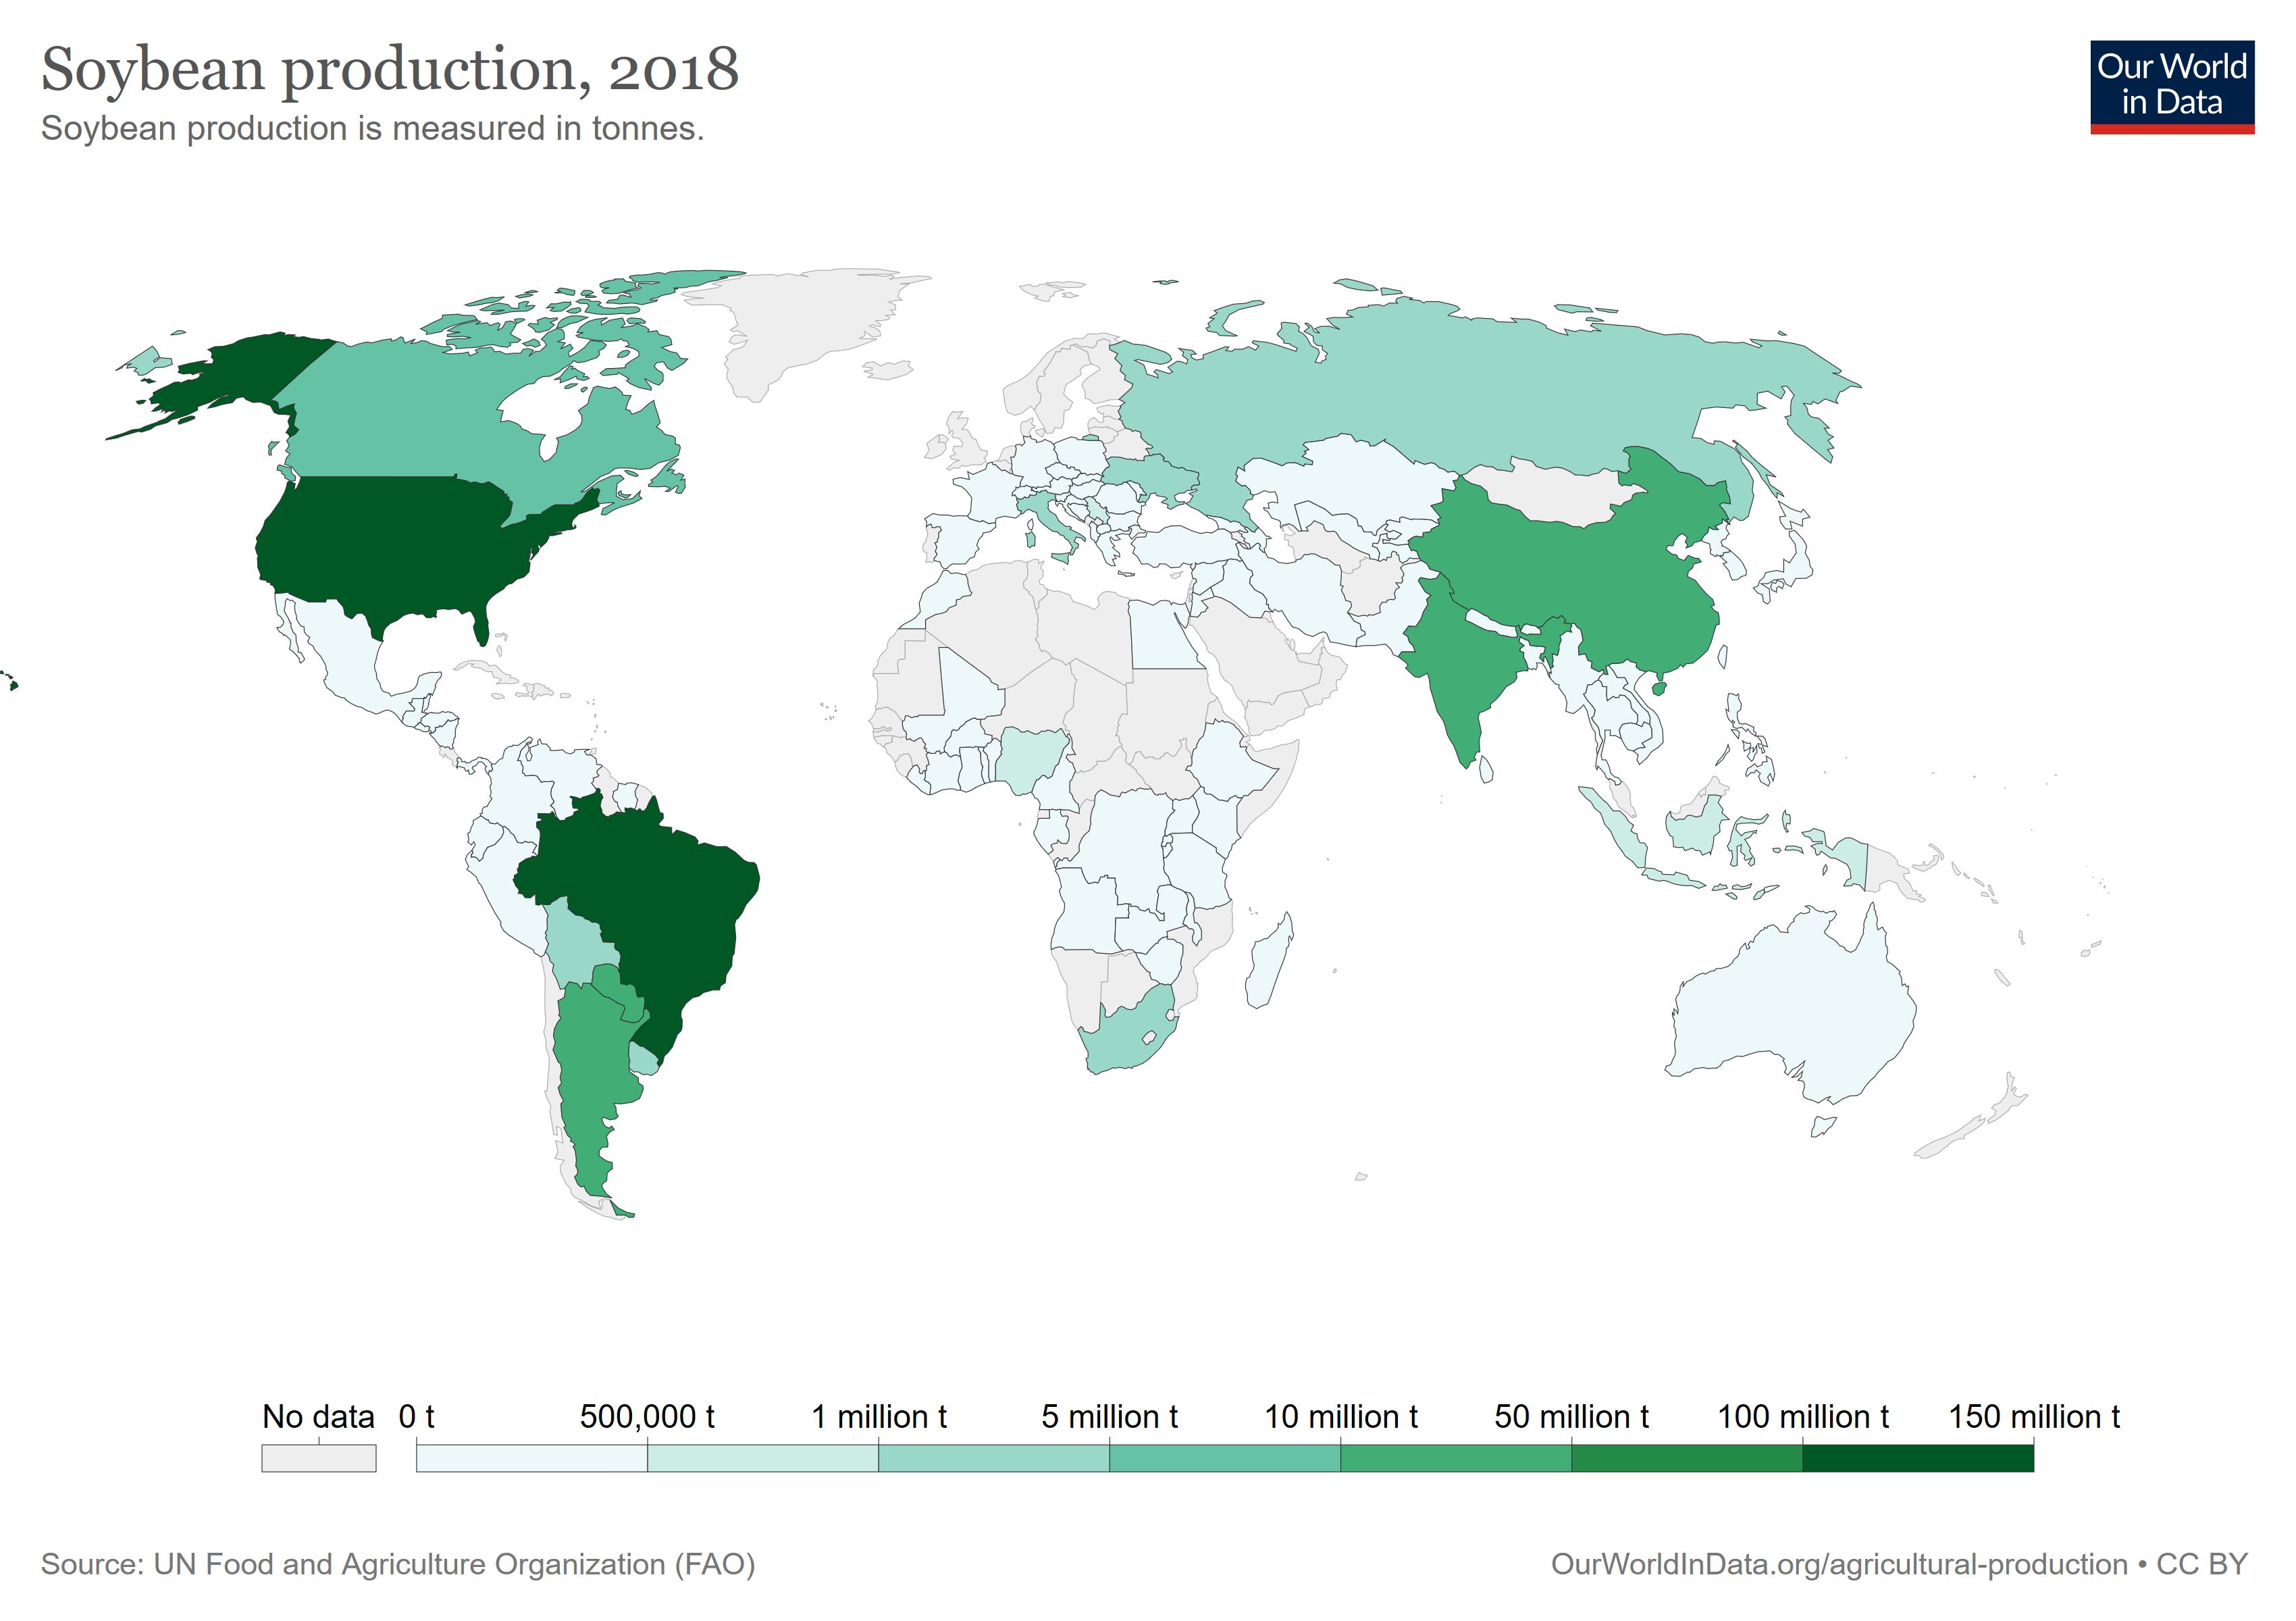 Die Grafik zeigt eine Weltkarte mit Angaben der Produktion von Sojabohnen in Tonnen aus dem Jahr 2018. Brasilien und die USA produzierten 2018 zwischen 100 und 150 Millionen Tonnen Sojabohnen. Sie sind damit die größten Sojaproduzenten.